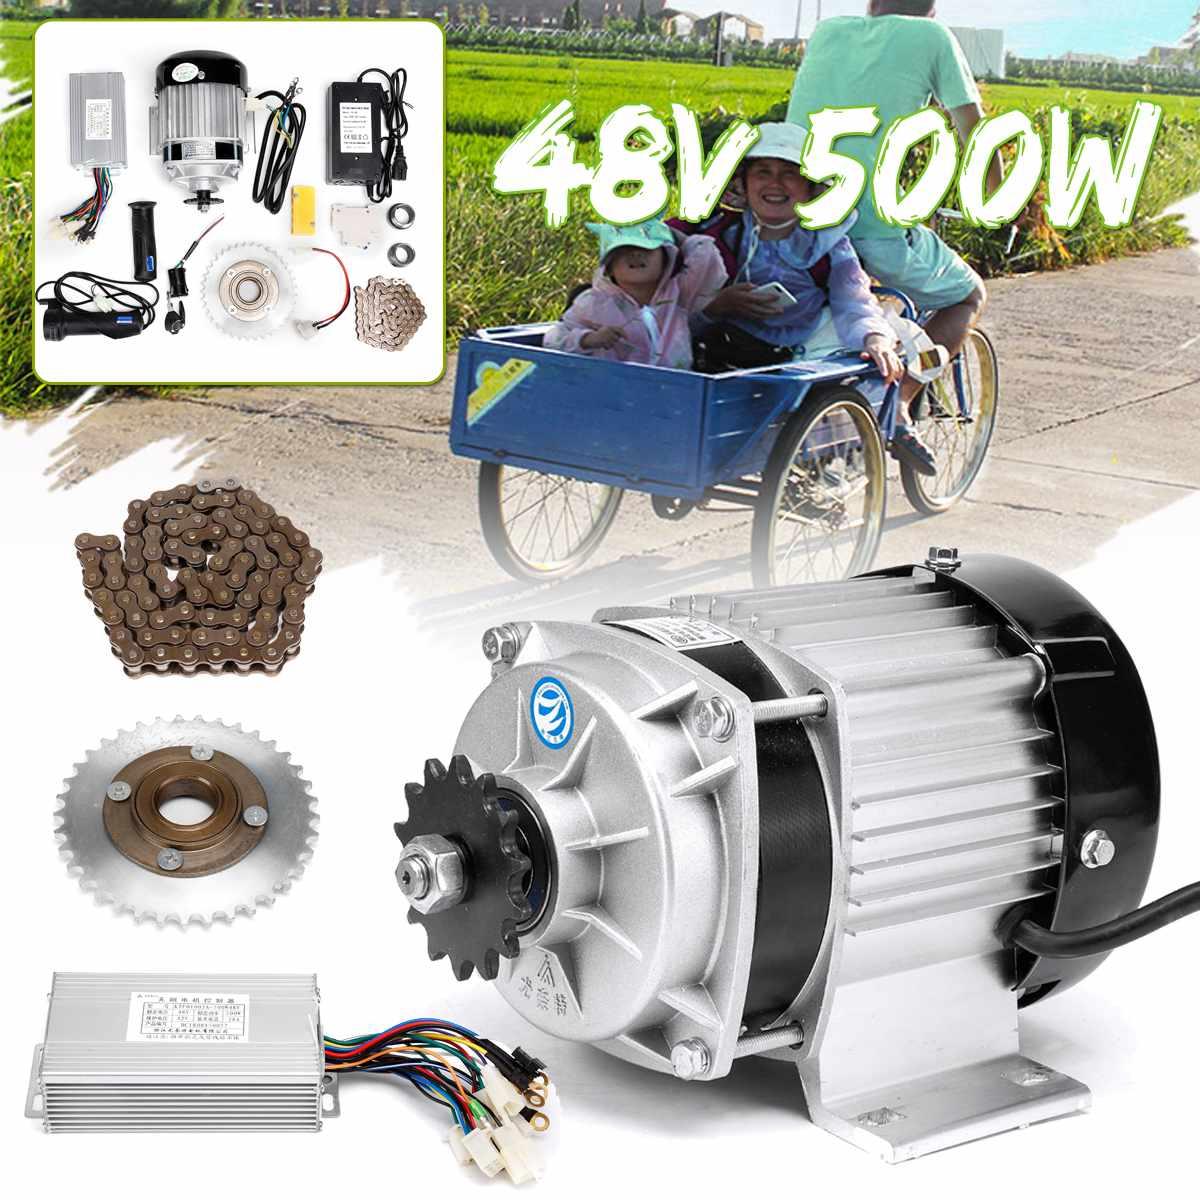 Kit de Conversion de Tricycle électrique 48 V 500 W DC Kit de Conversion de moteur de poignée de volant d'inertie électrique pour Kit de vélo Tricycle e-bike pouces